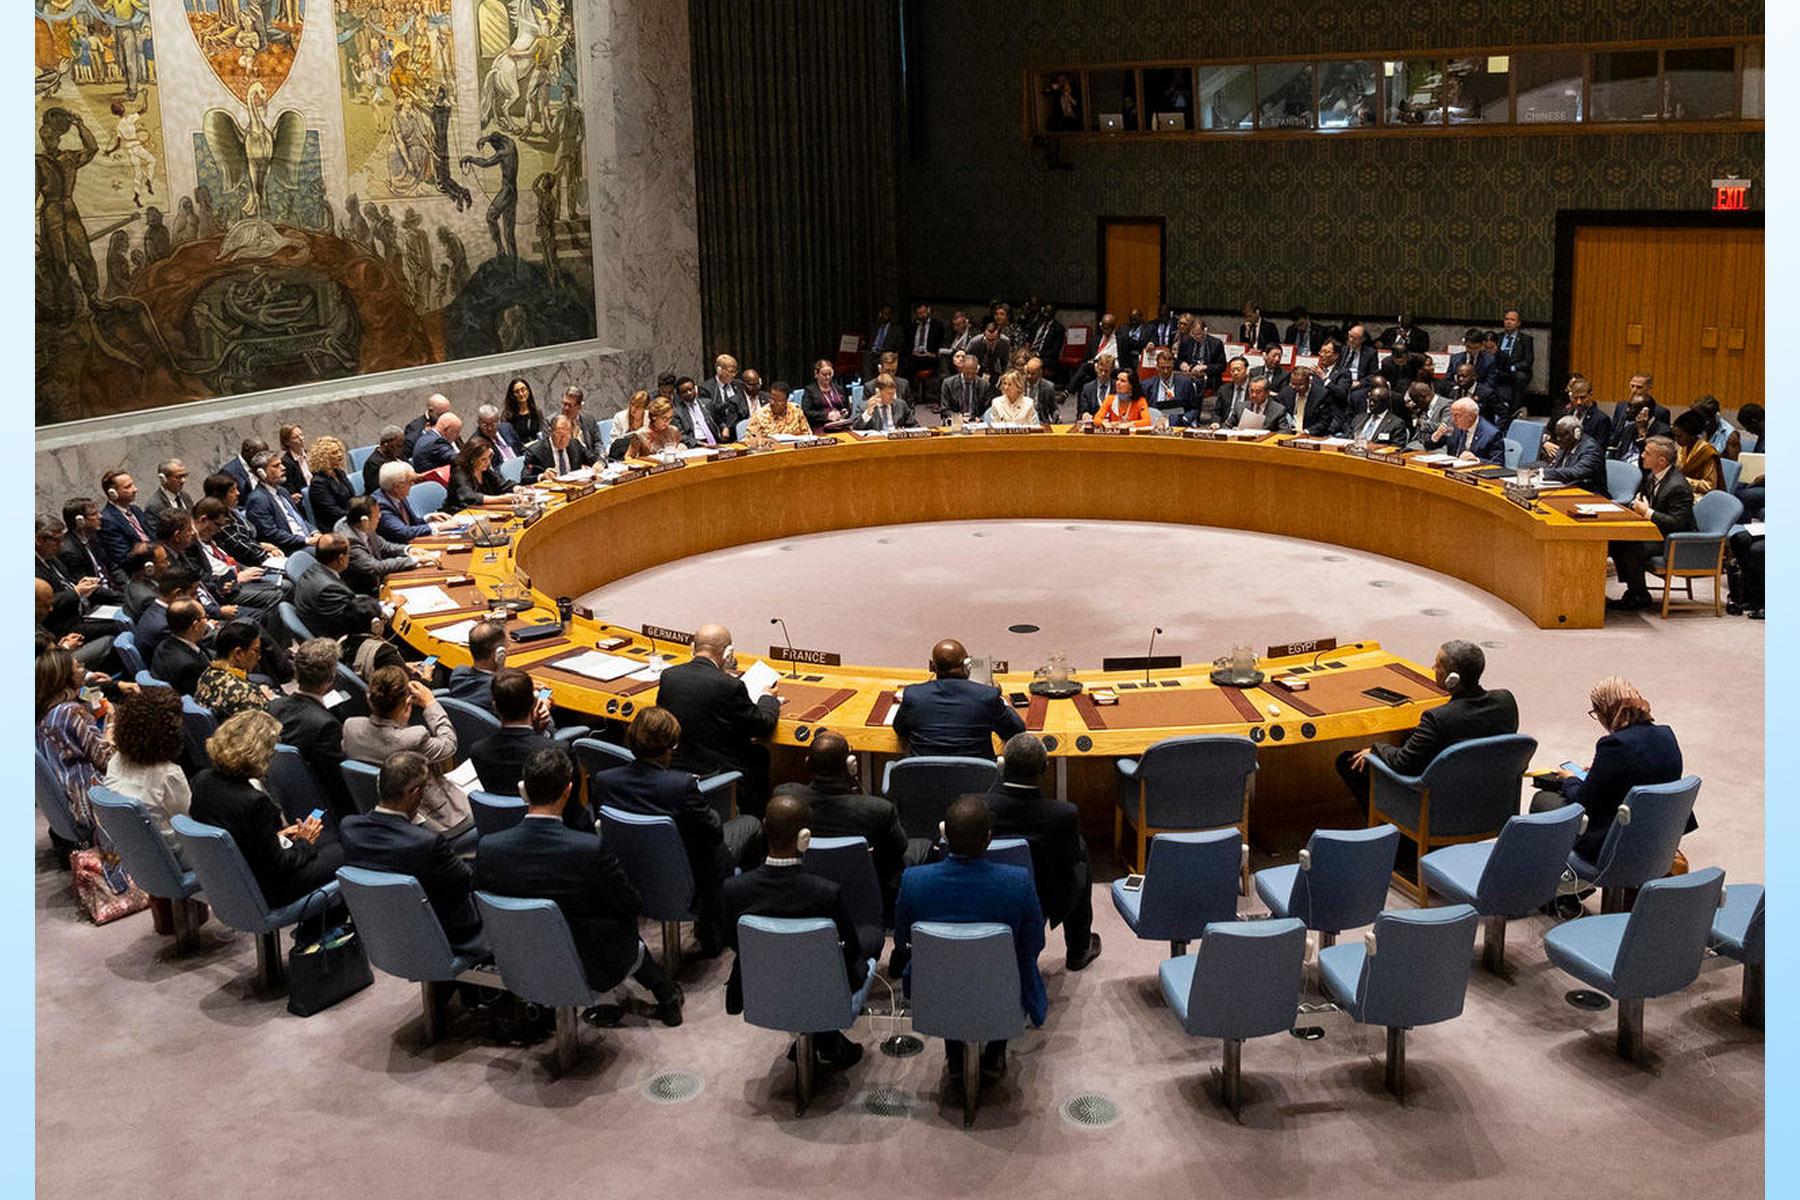 Un nouveau traité interdit l'arme atomique, sans le soutien des puissances nucléaires